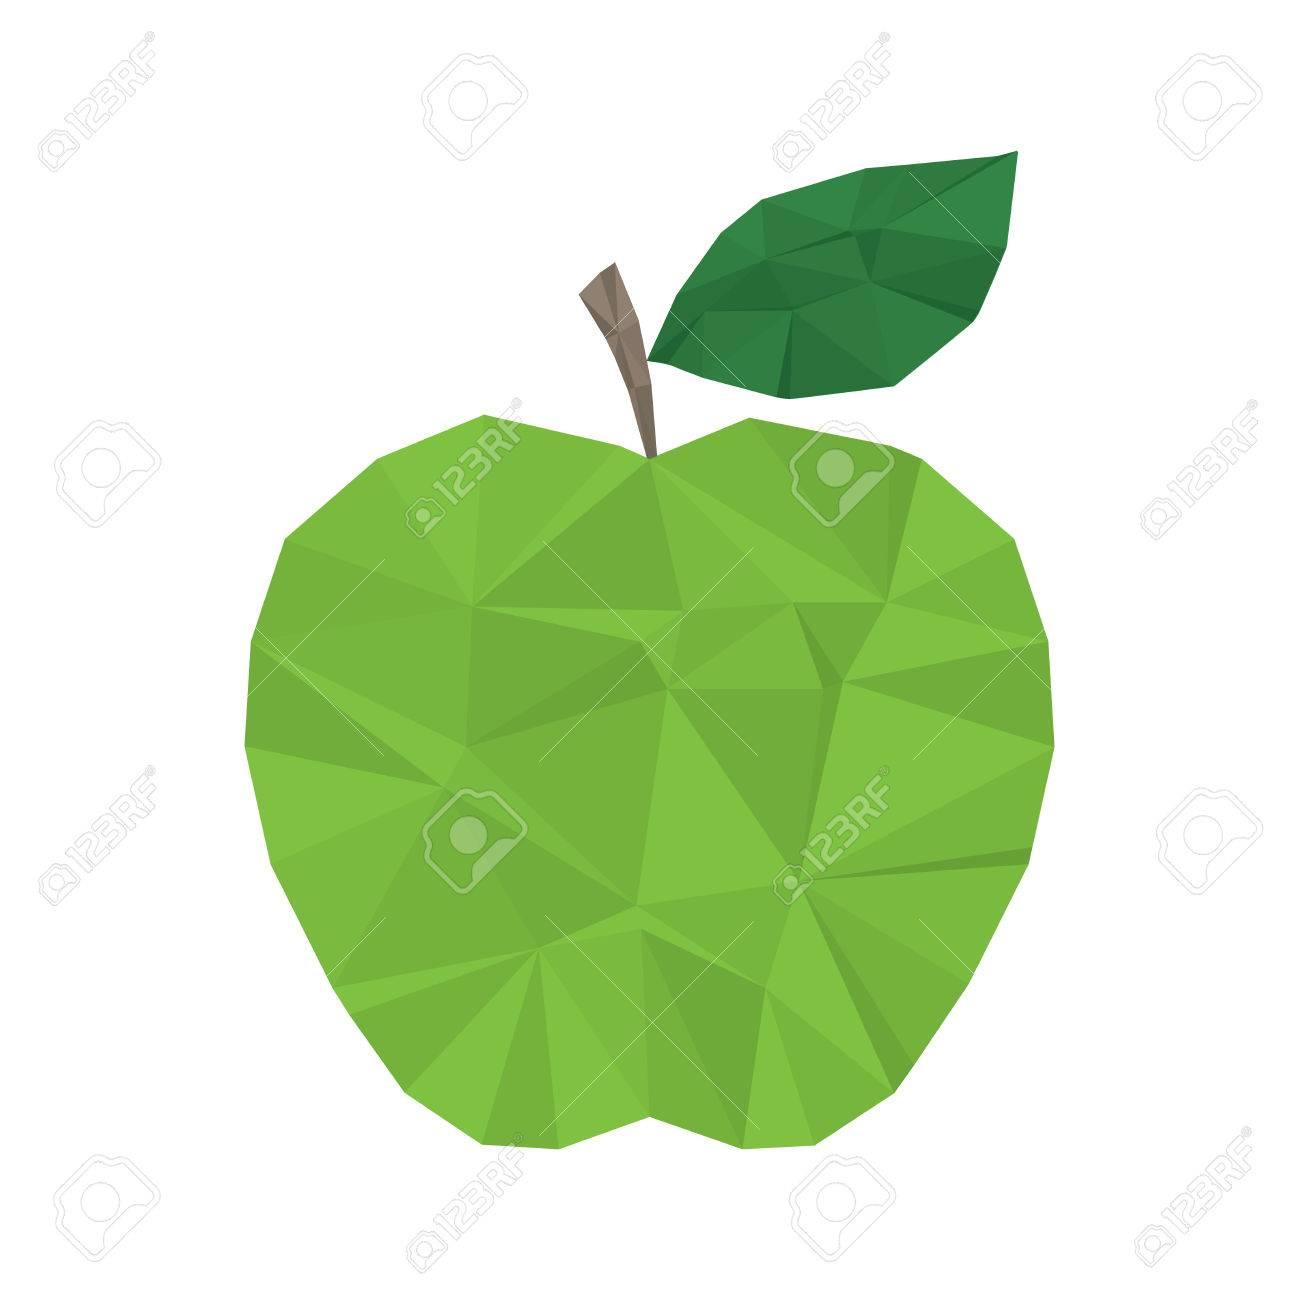 apple kein netz